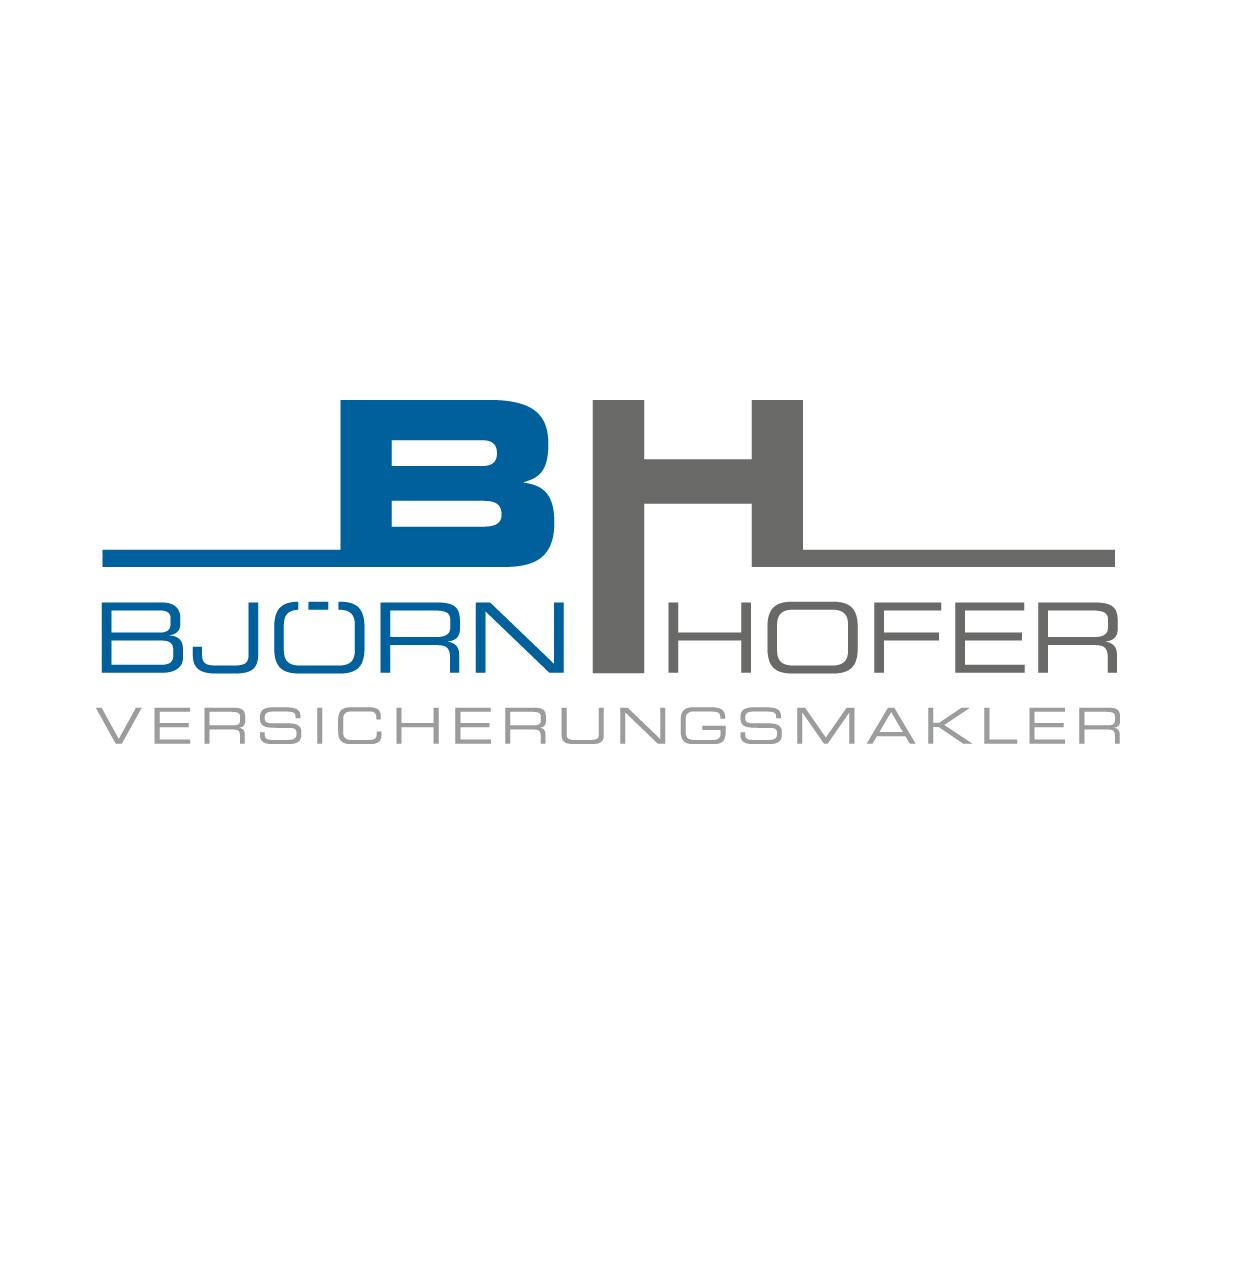 www.hofer-versicherungsmakler.de-Logo